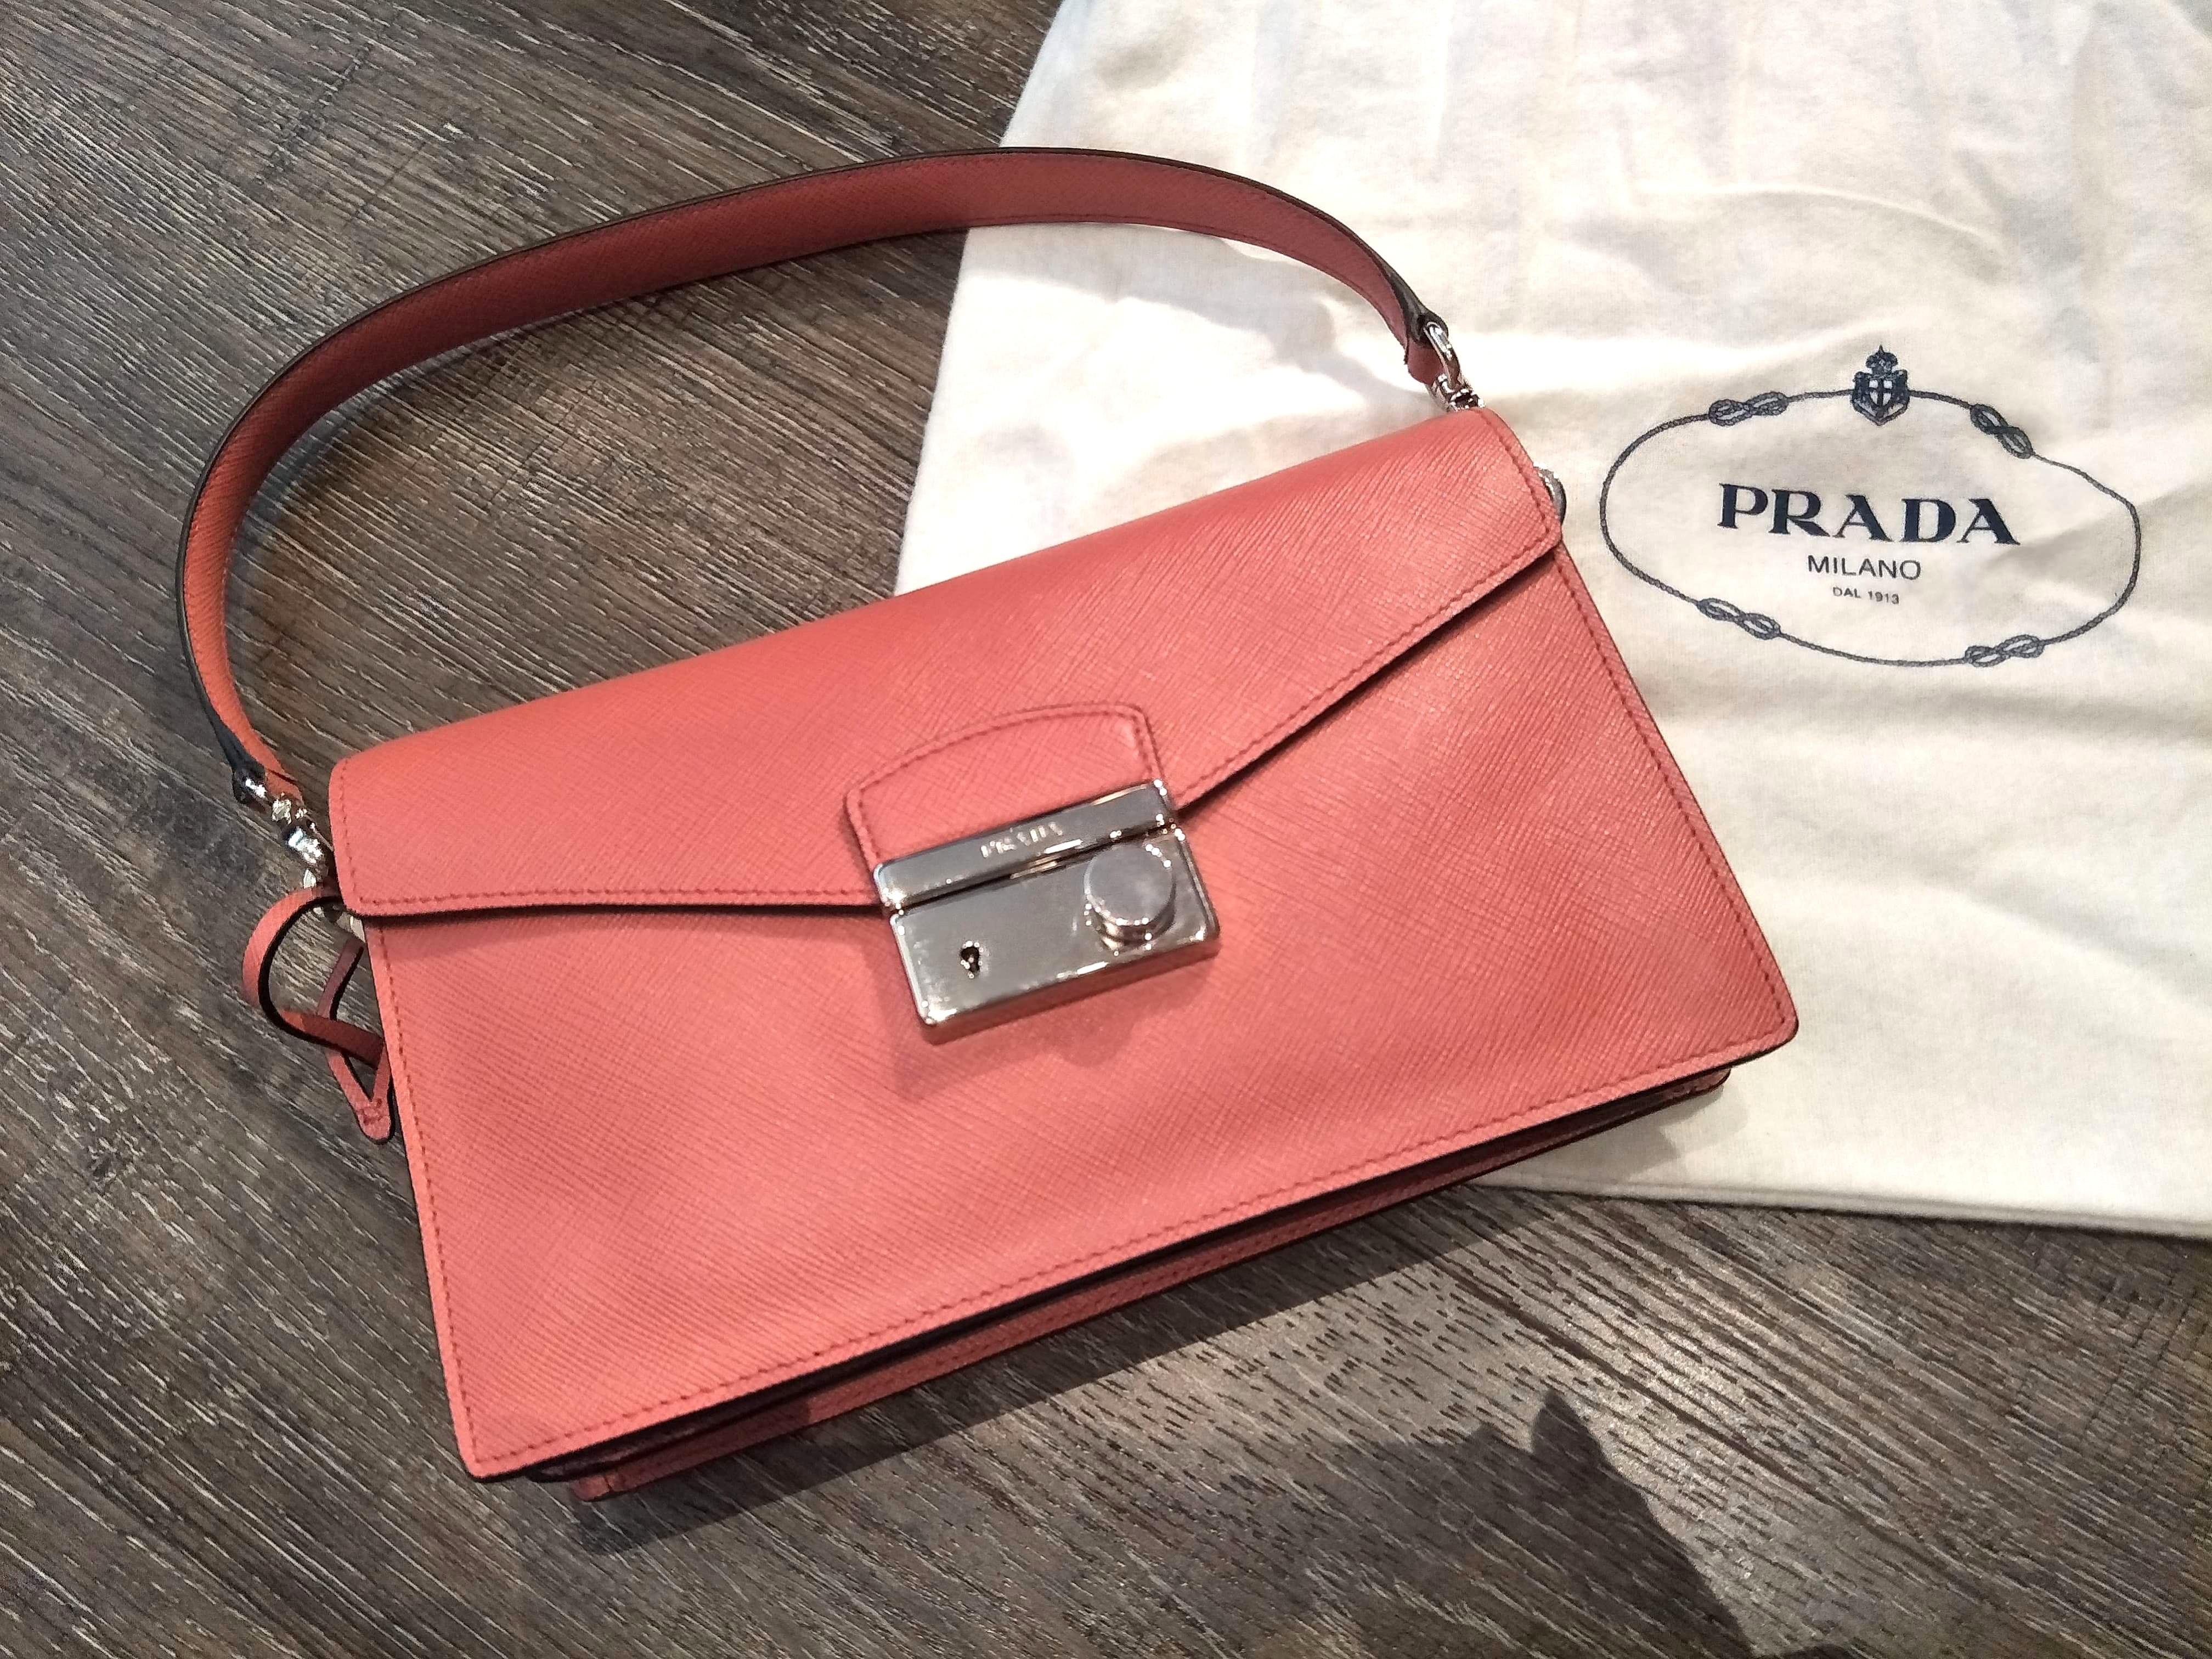 362e87d0fa Prada Saffiano handbag   crossbody sling bag